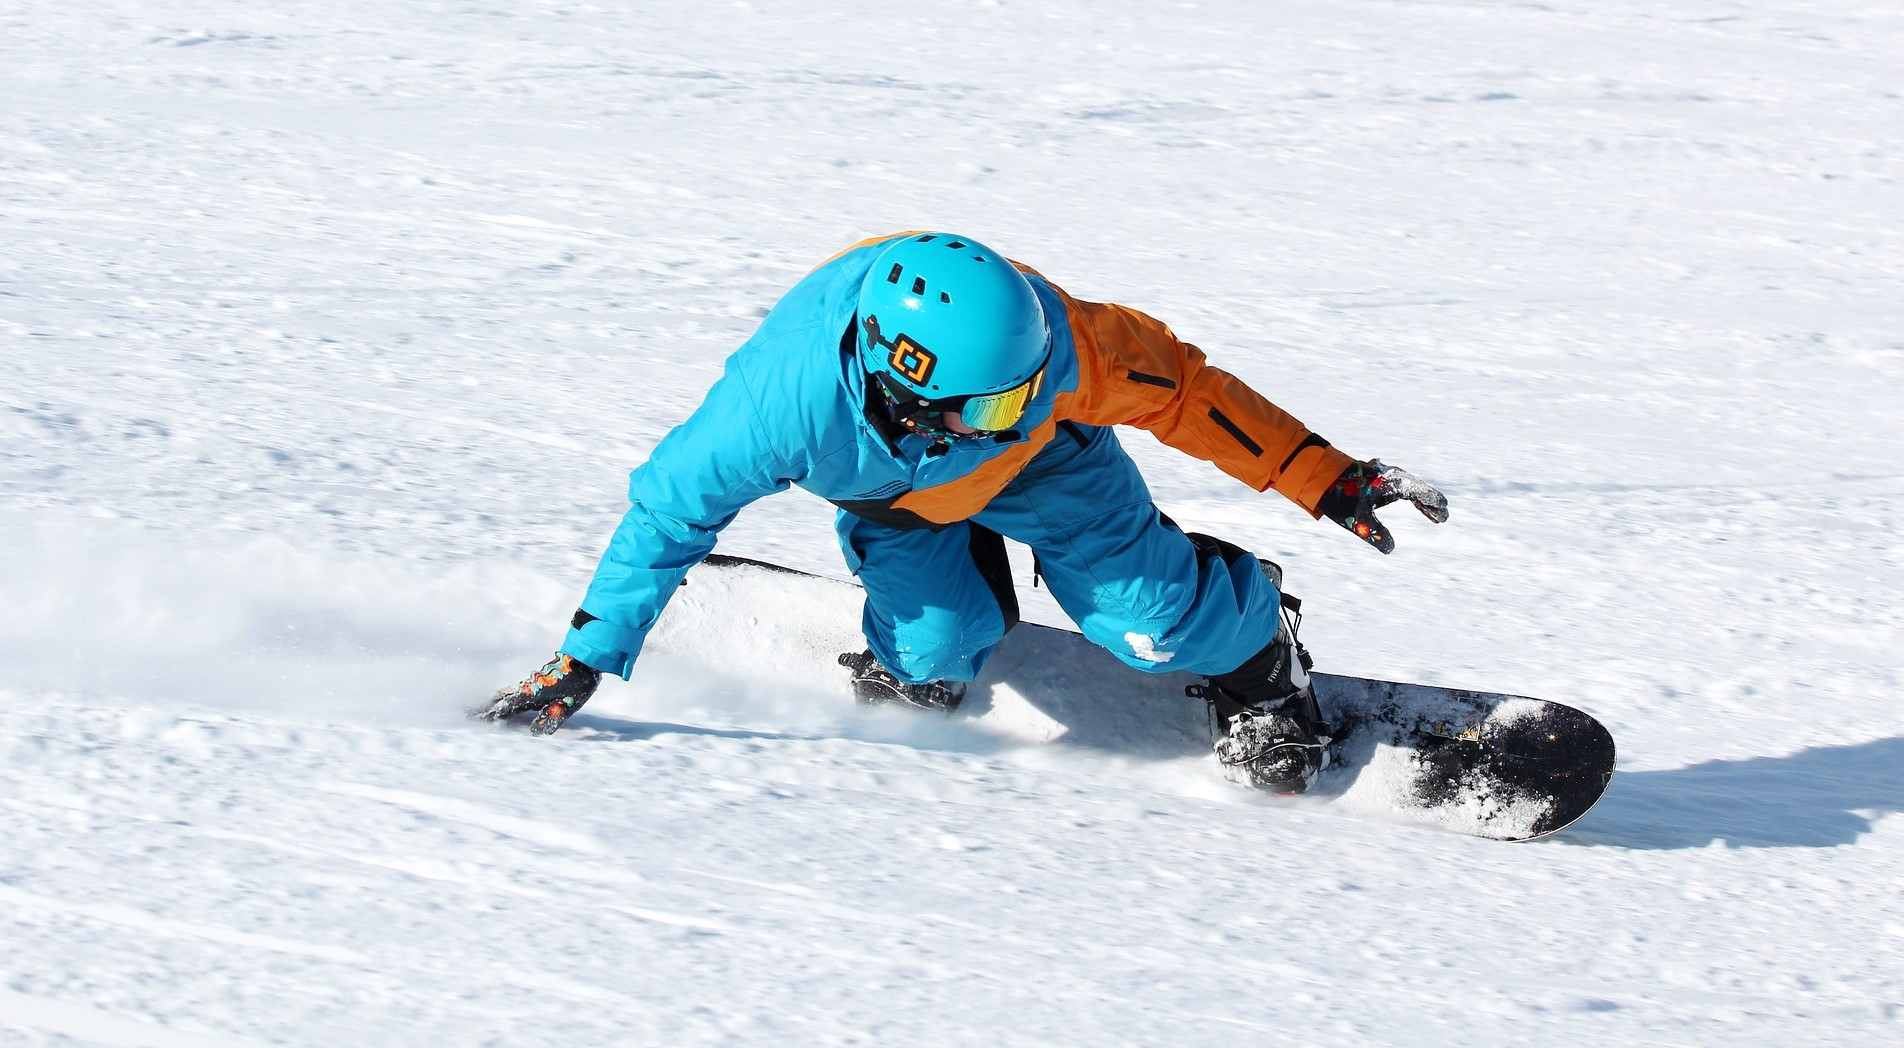 Lezione privata di snowboard a Dobbiaco per tutti i livelli